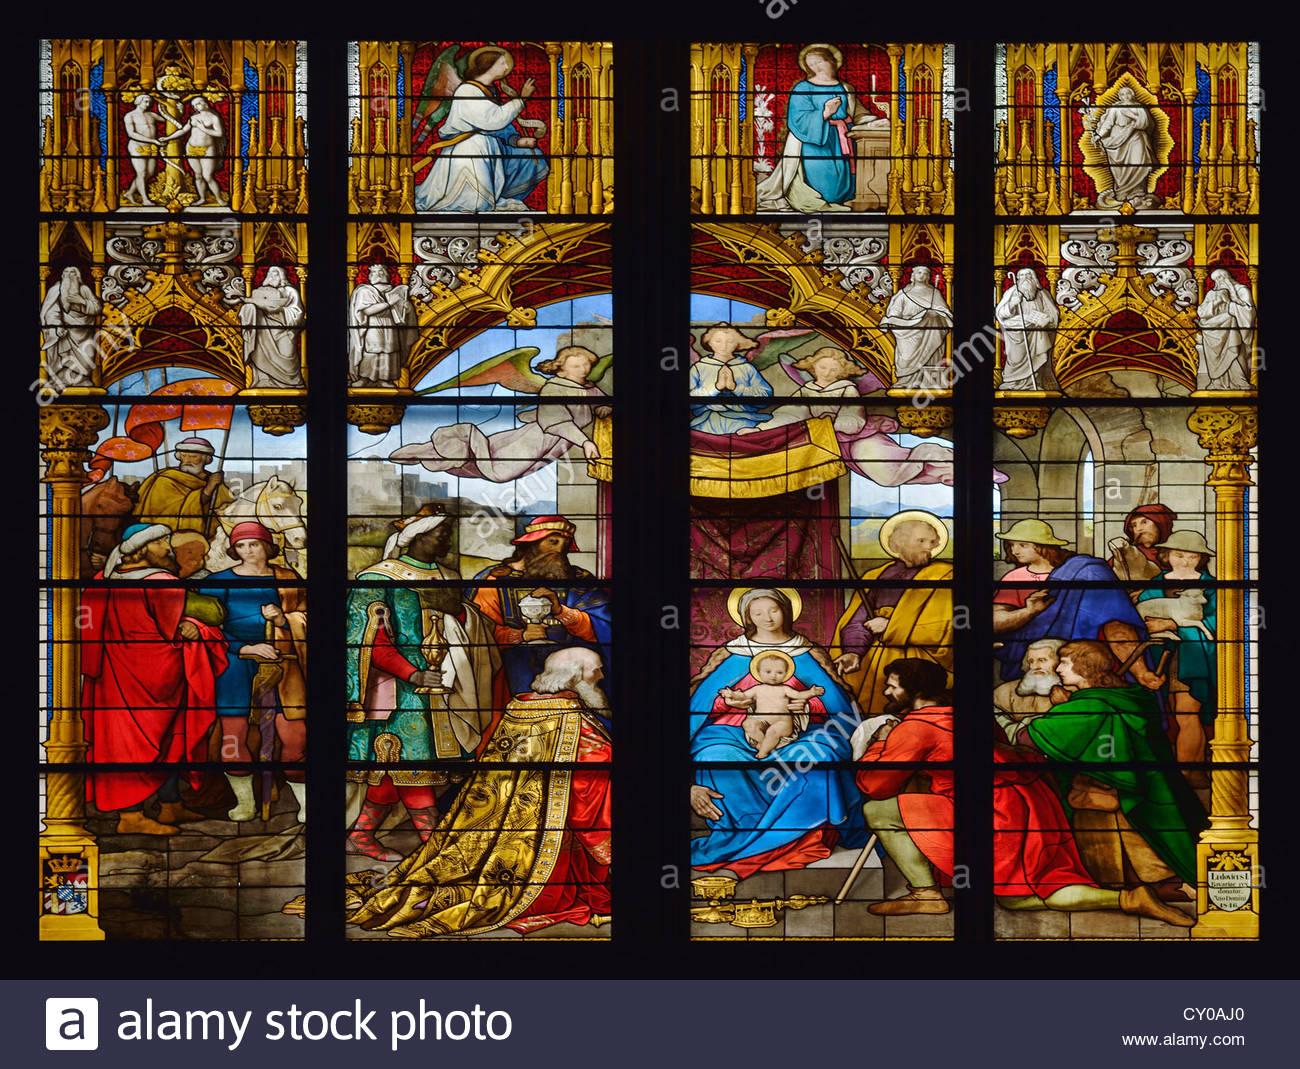 Ventana Detalle, Baviera, la adoración de los Magos, los Tres Reyes Magos visitan al niño Jesús, Imagen De Stock